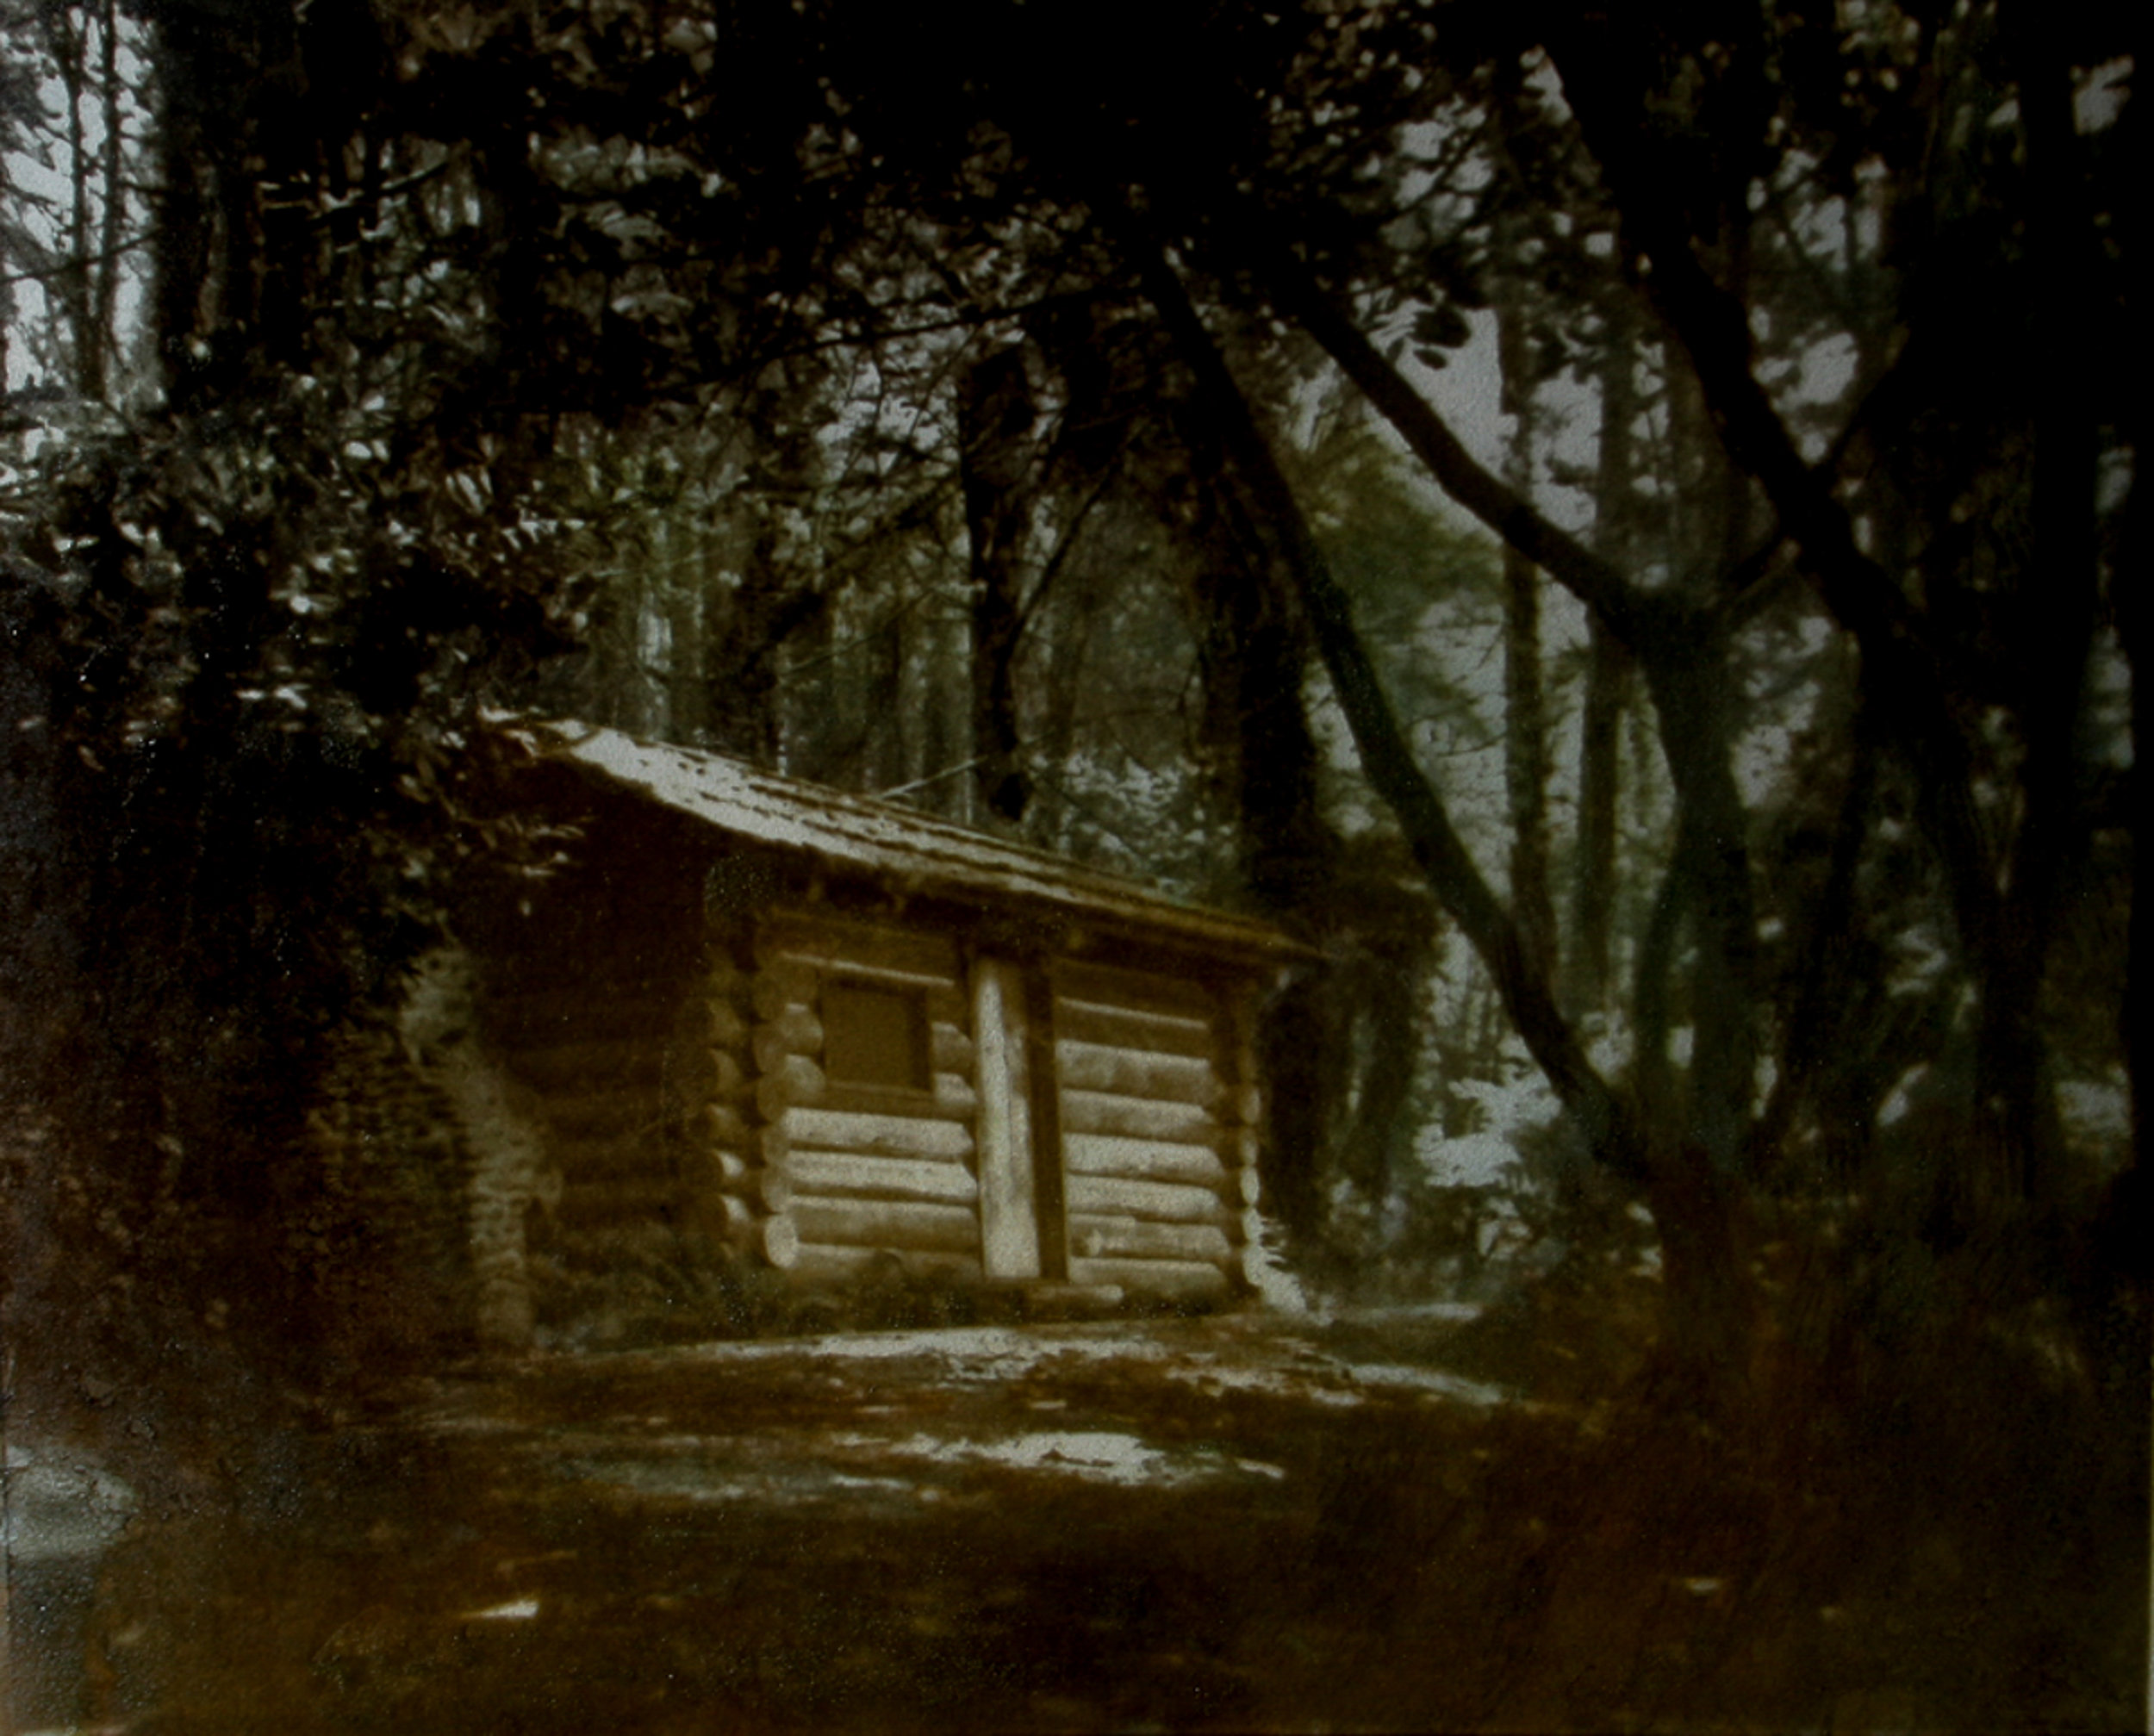 Skinner's Cabin